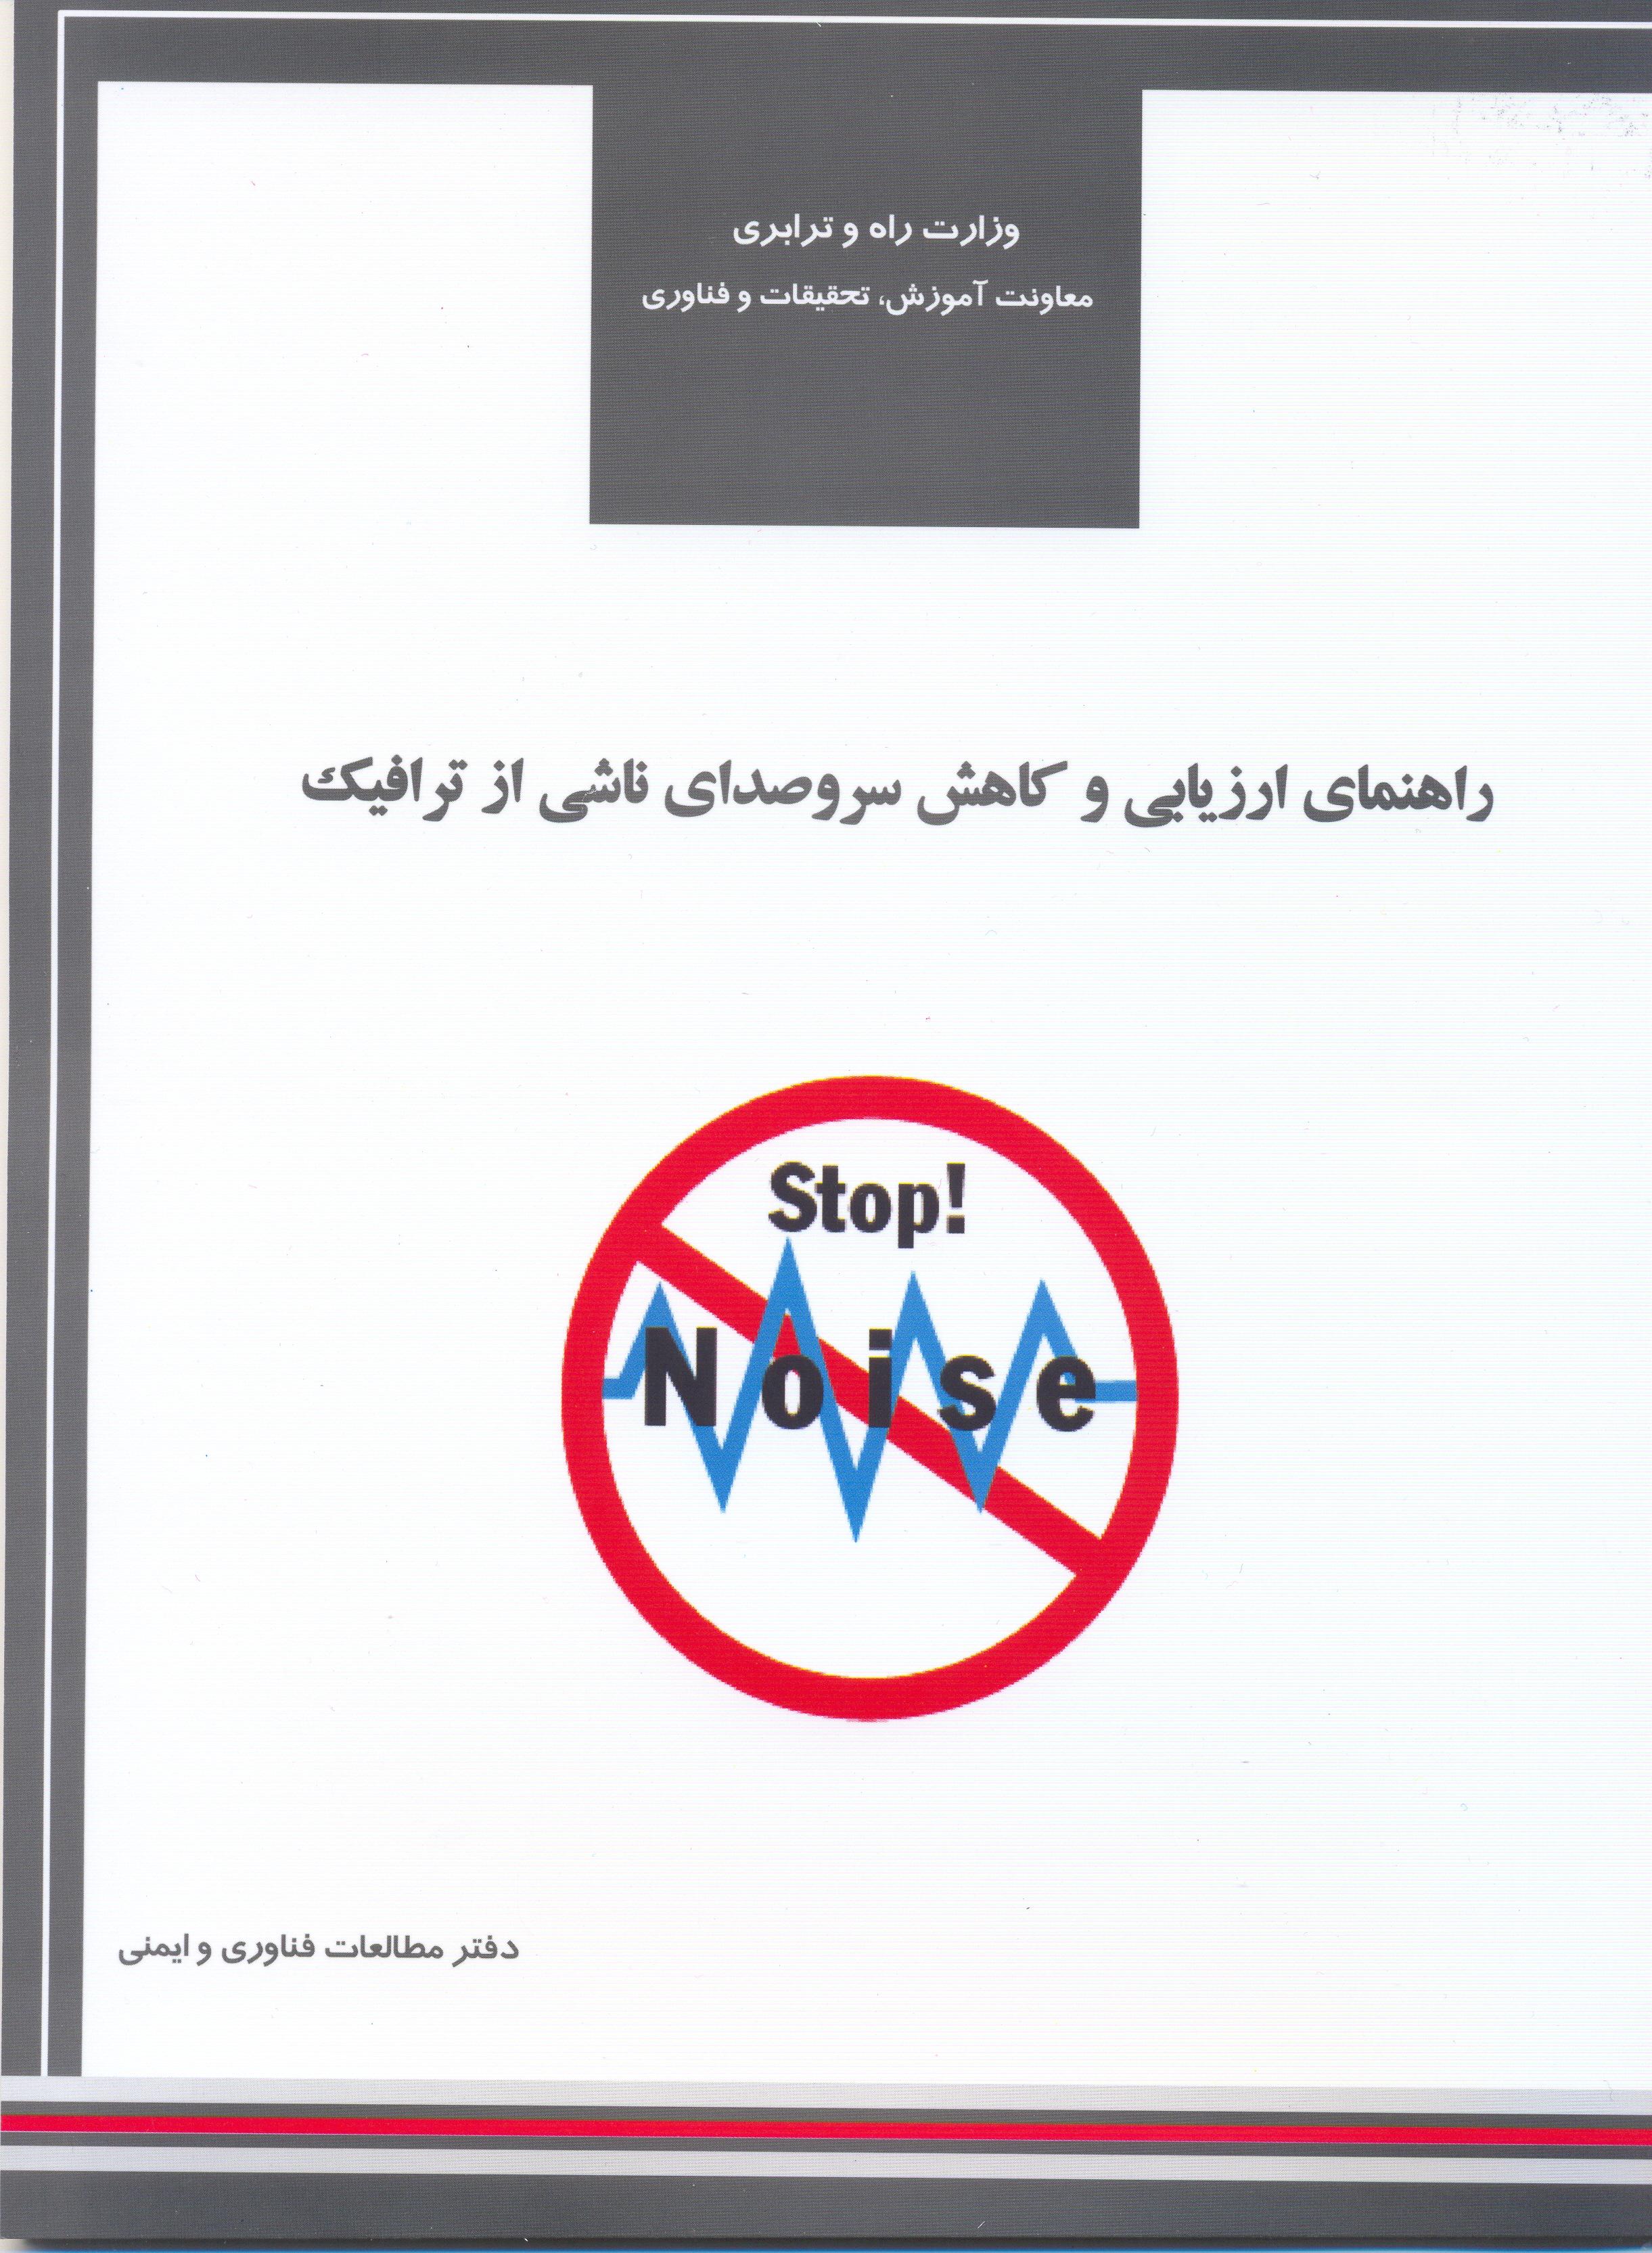 کتاب راهنمای ارزیابی و کاهش سر و صدای ناشی از ترافیک